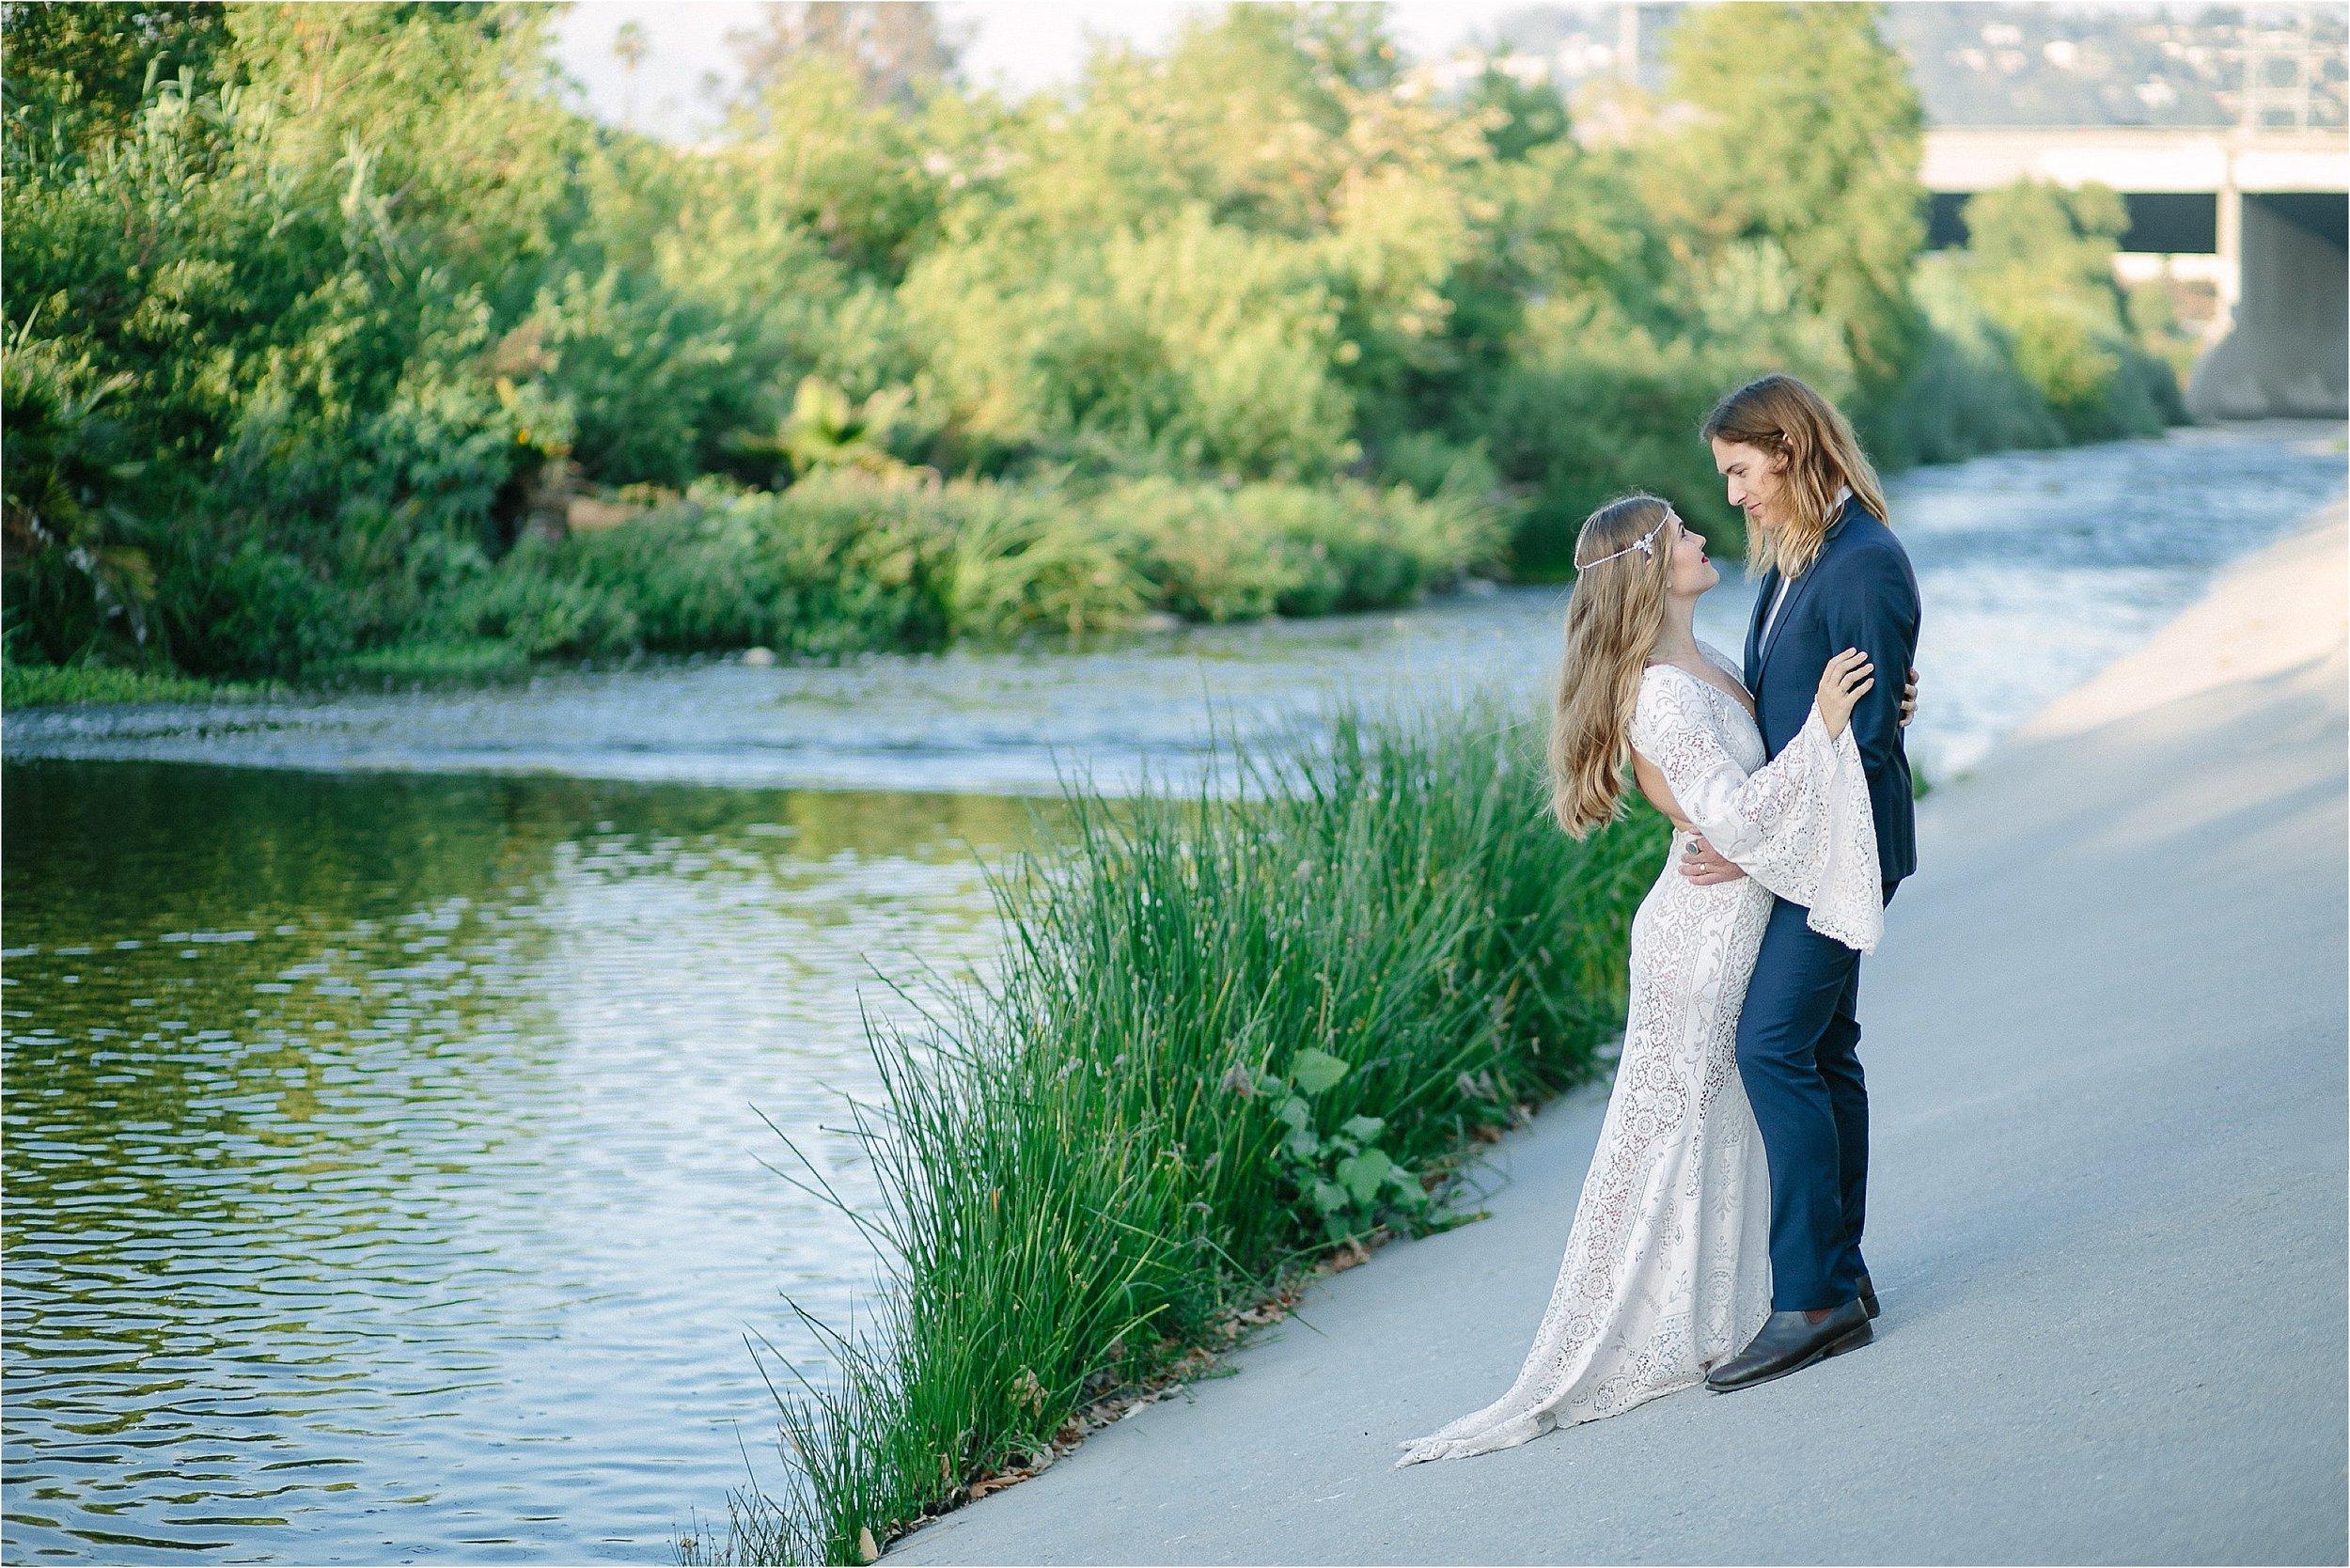 LA River Bridal Portrait